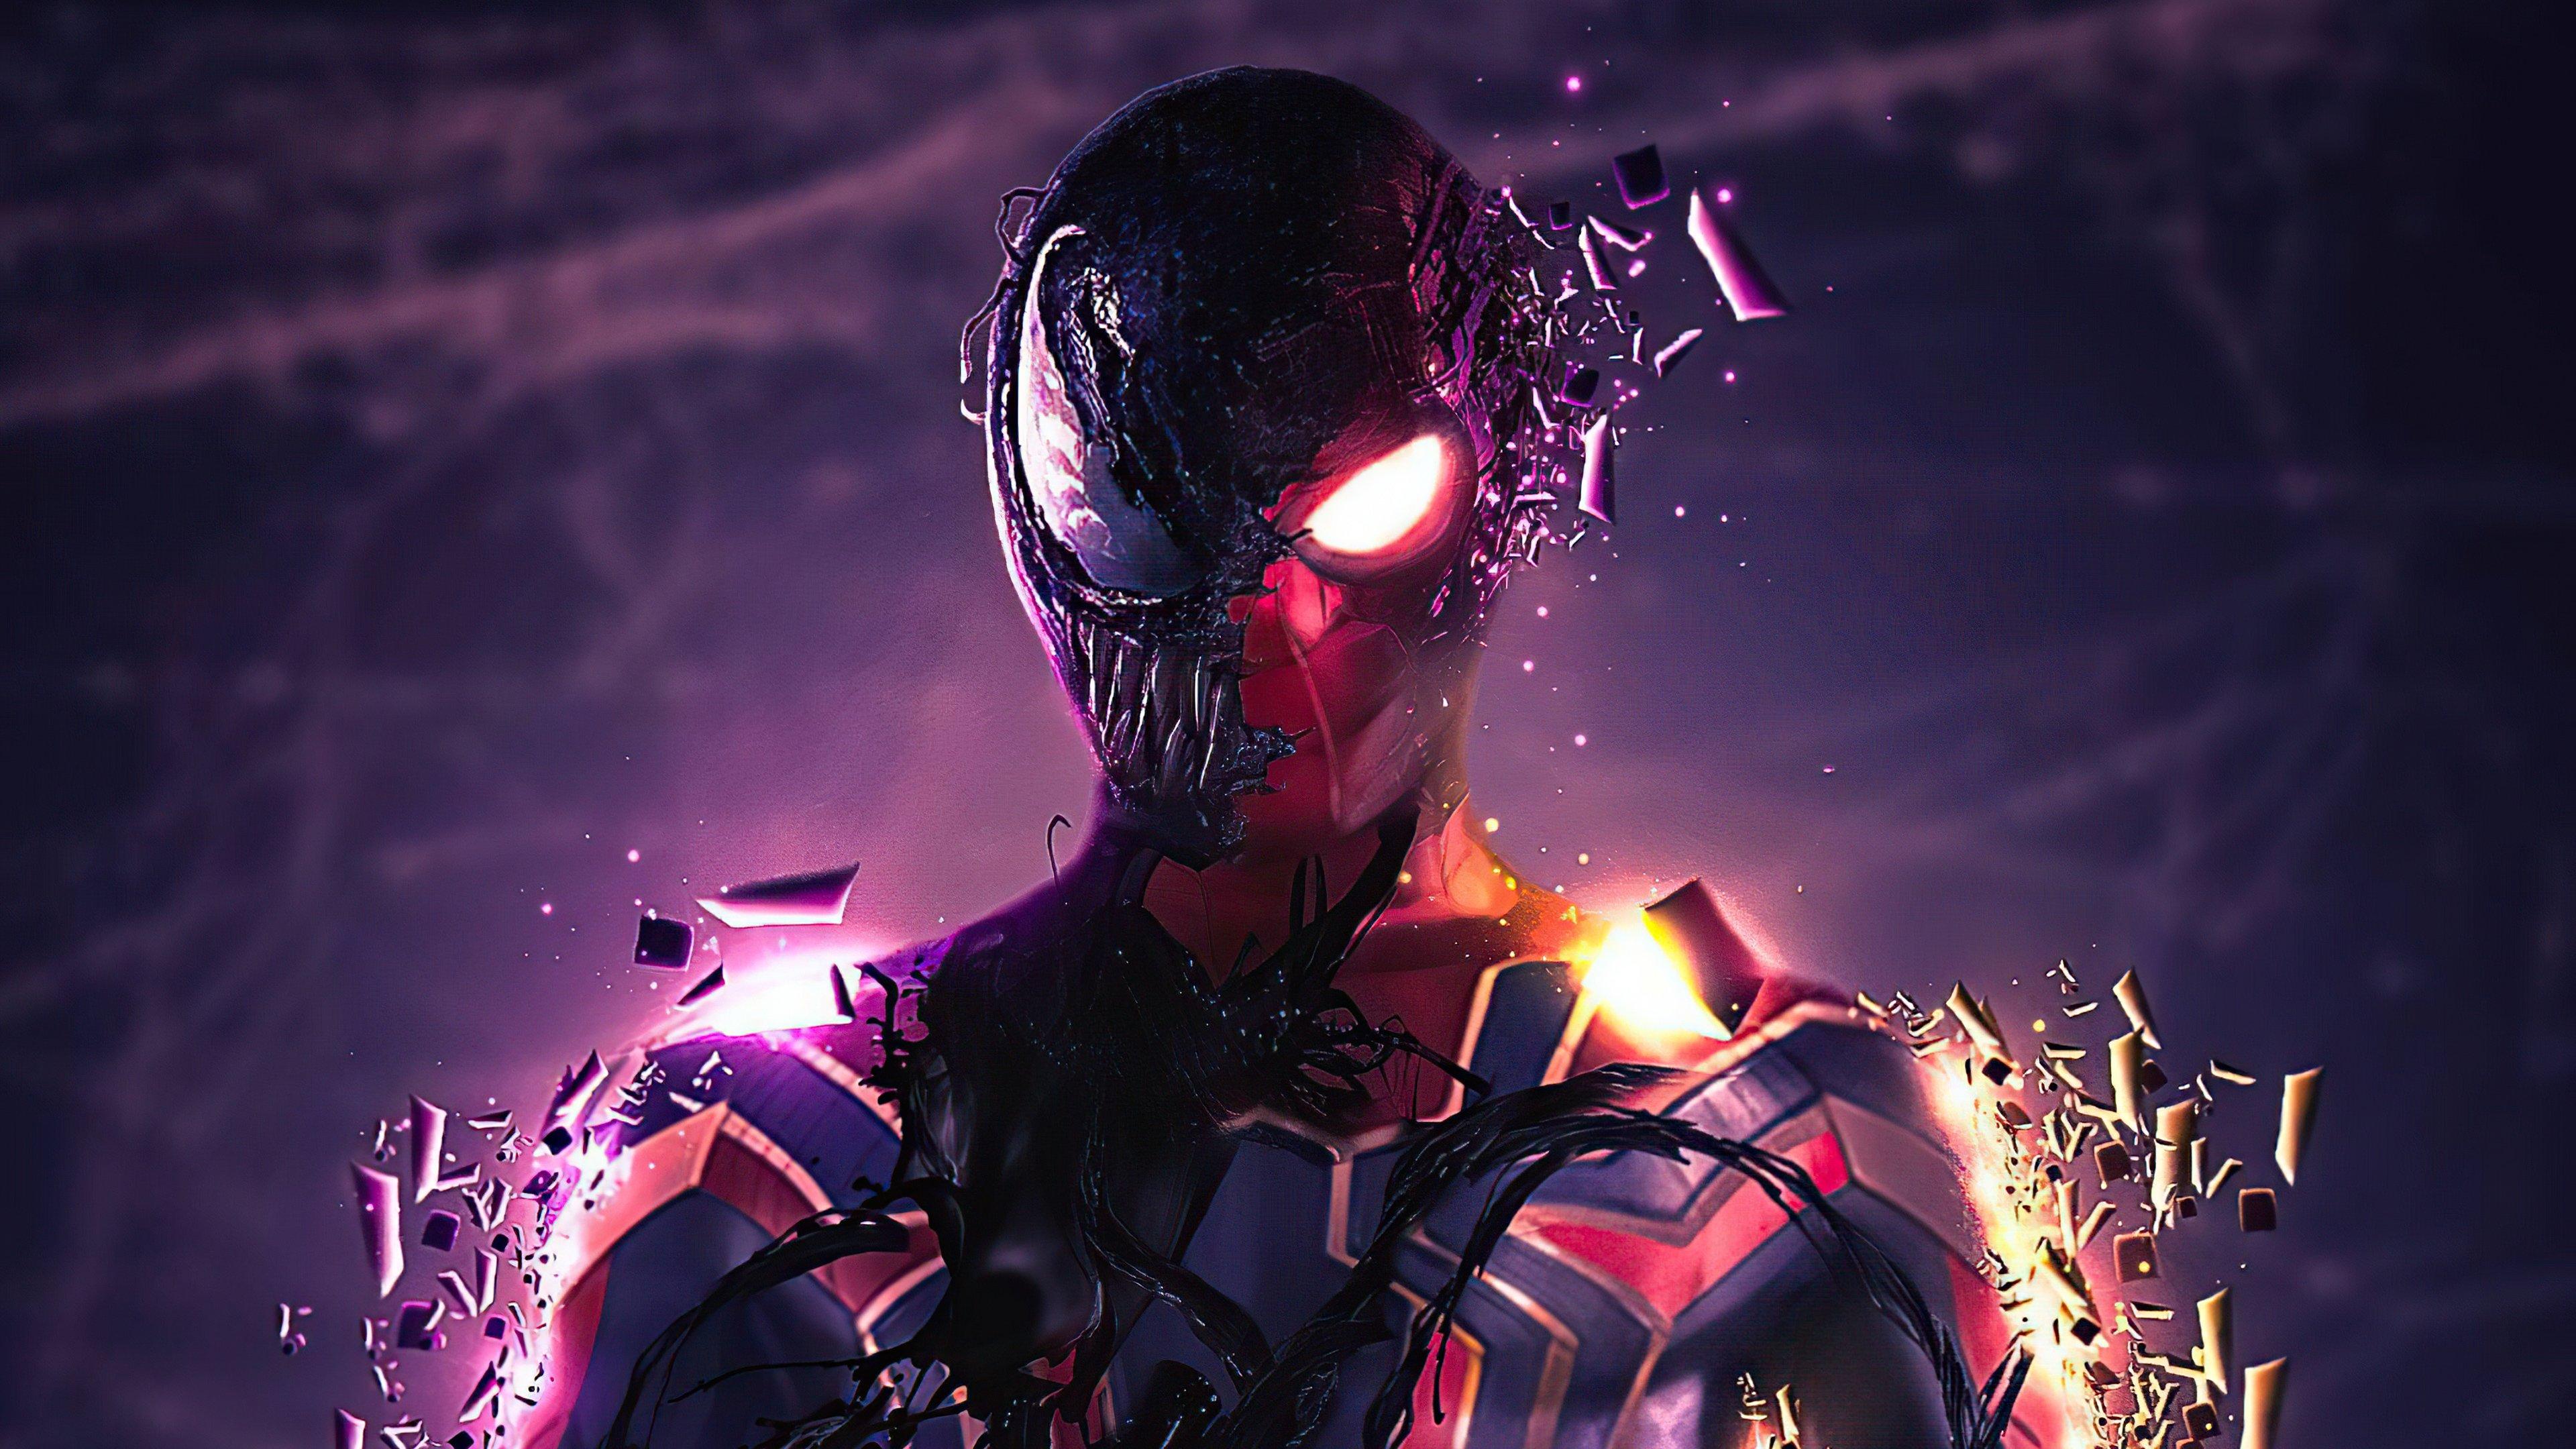 Fondos de pantalla Spidey Venom